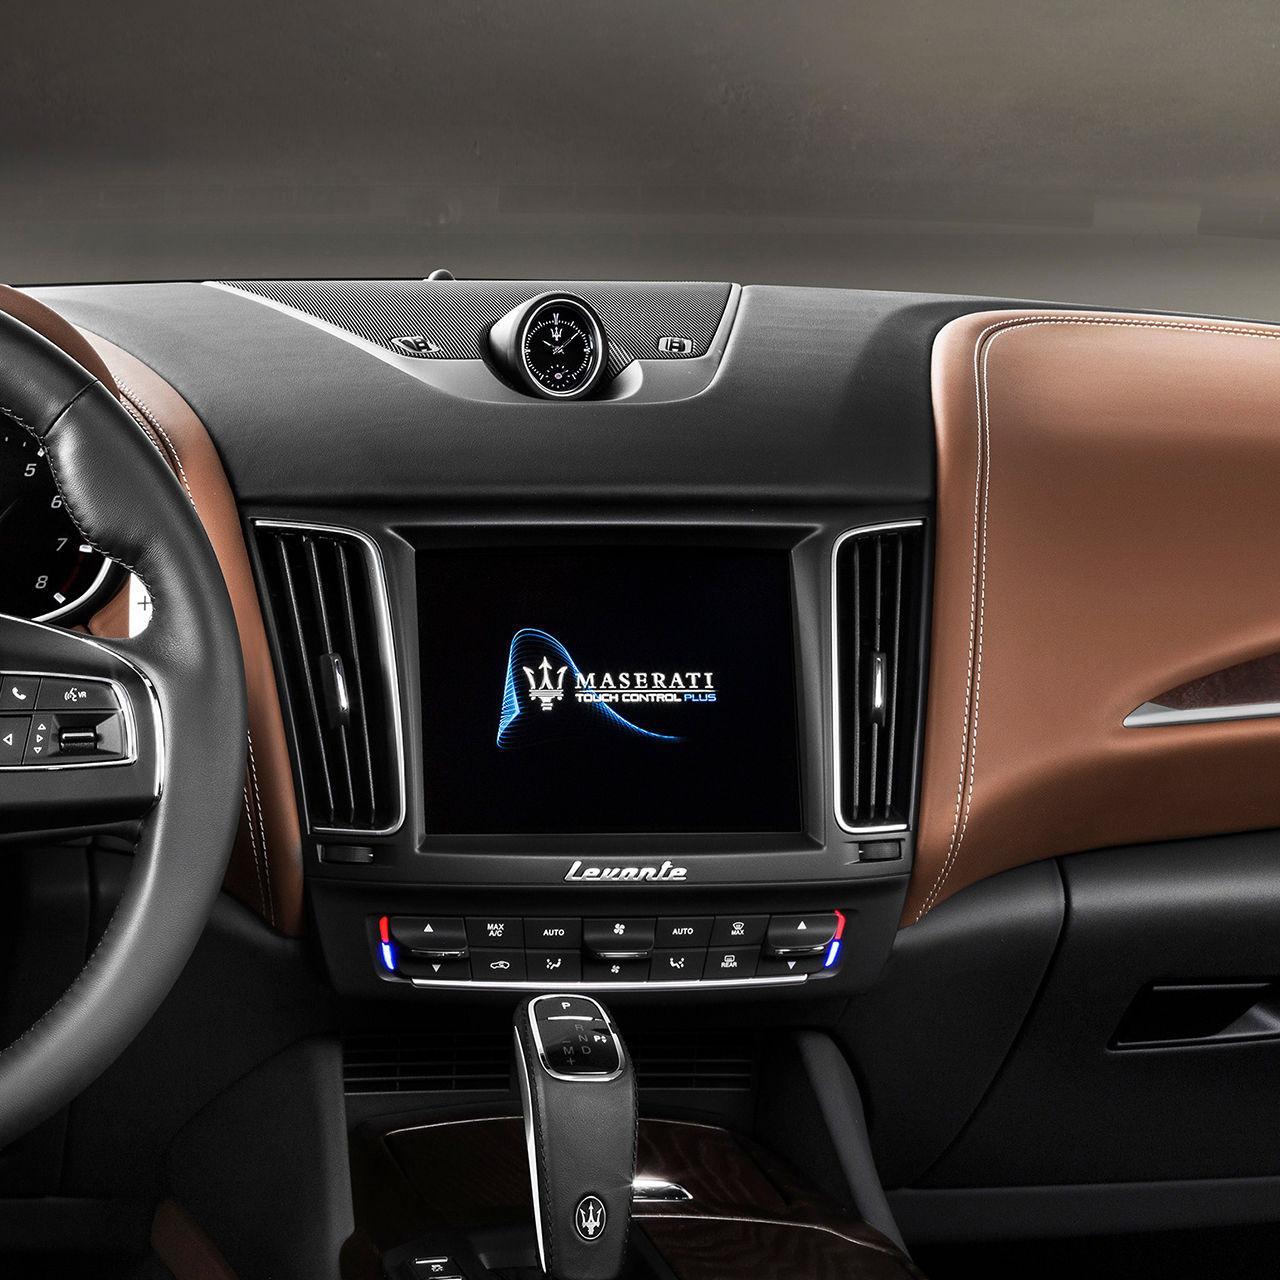 Maserati Levante - sistema di infotainment, display touchscreen e dettagli degli interni